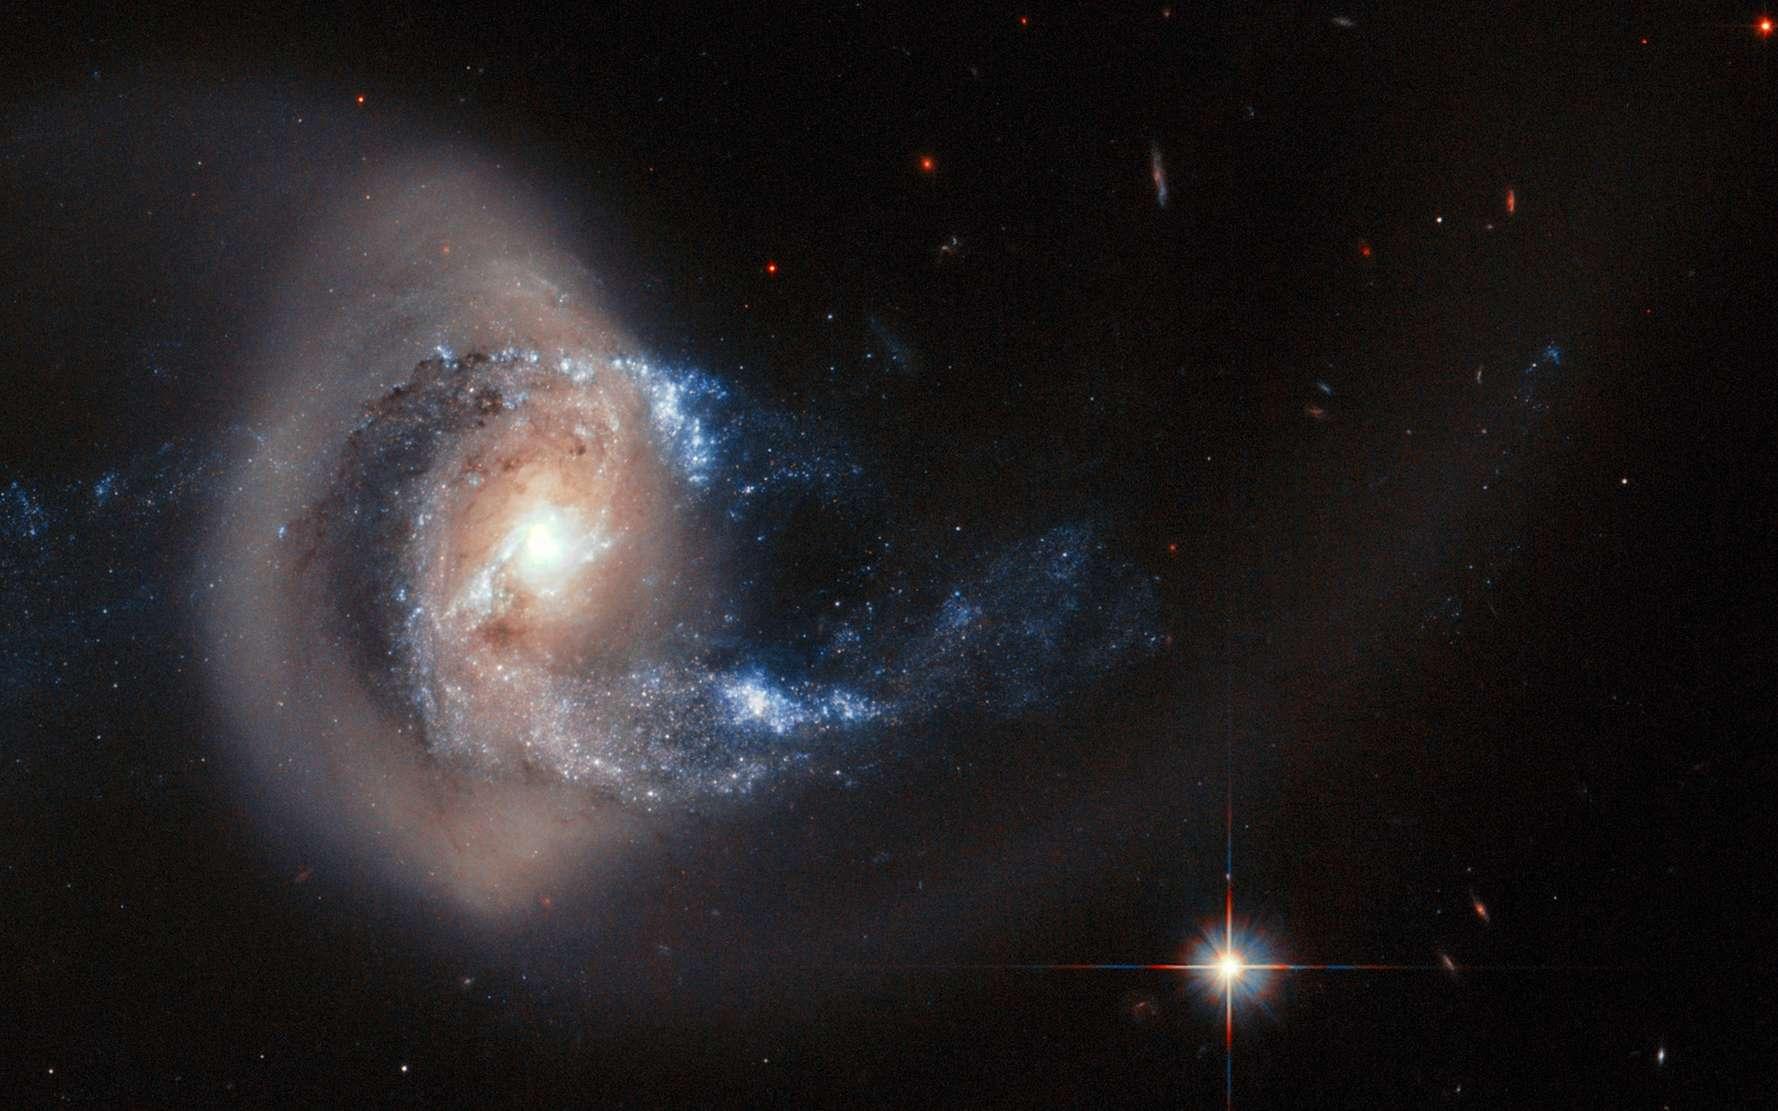 À 100 millions d'années-lumière, NGC 7714 est une galaxie spirale encore sous le choc d'une collision avec une galaxie plus petite. © ESA, Nasa